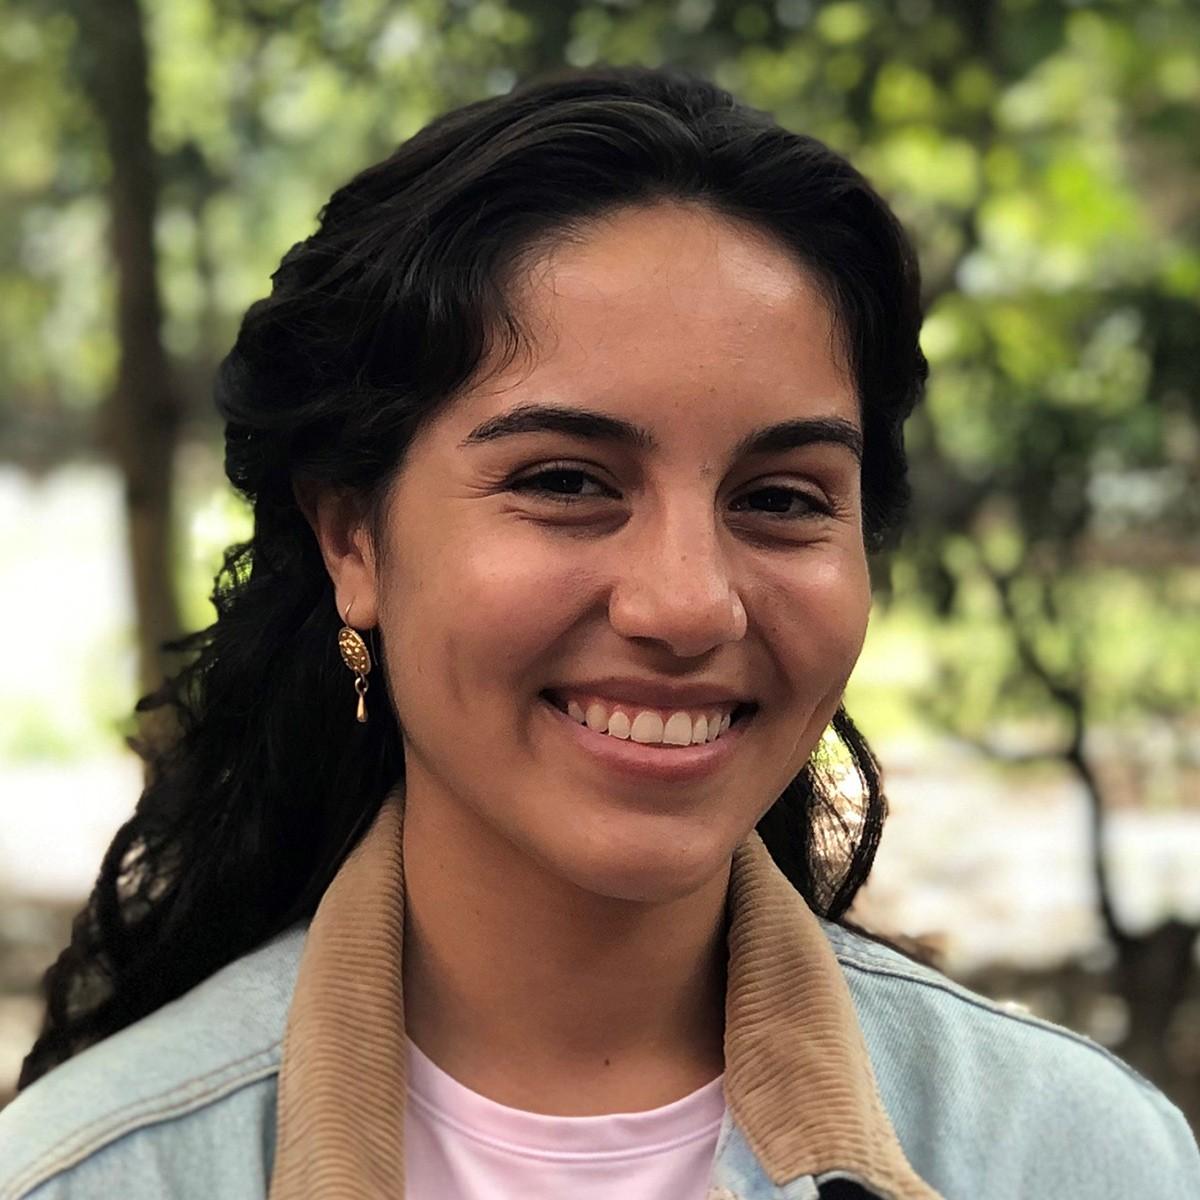 Elena Jauregui